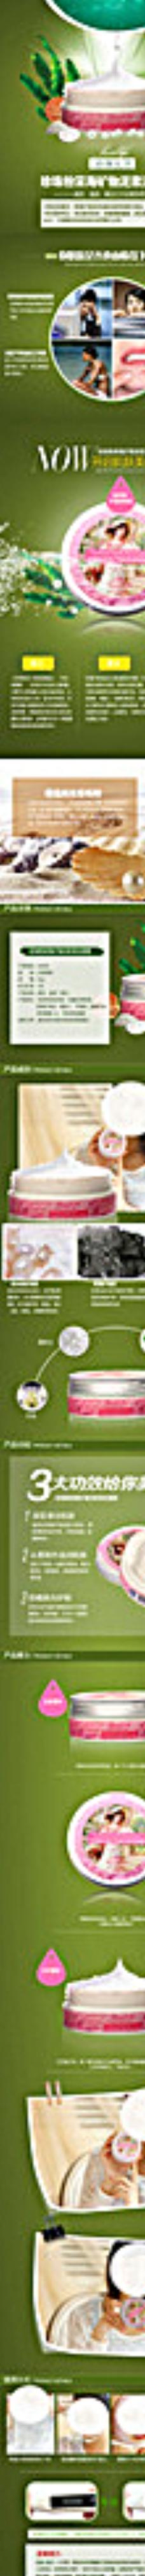 化妆品描述图片